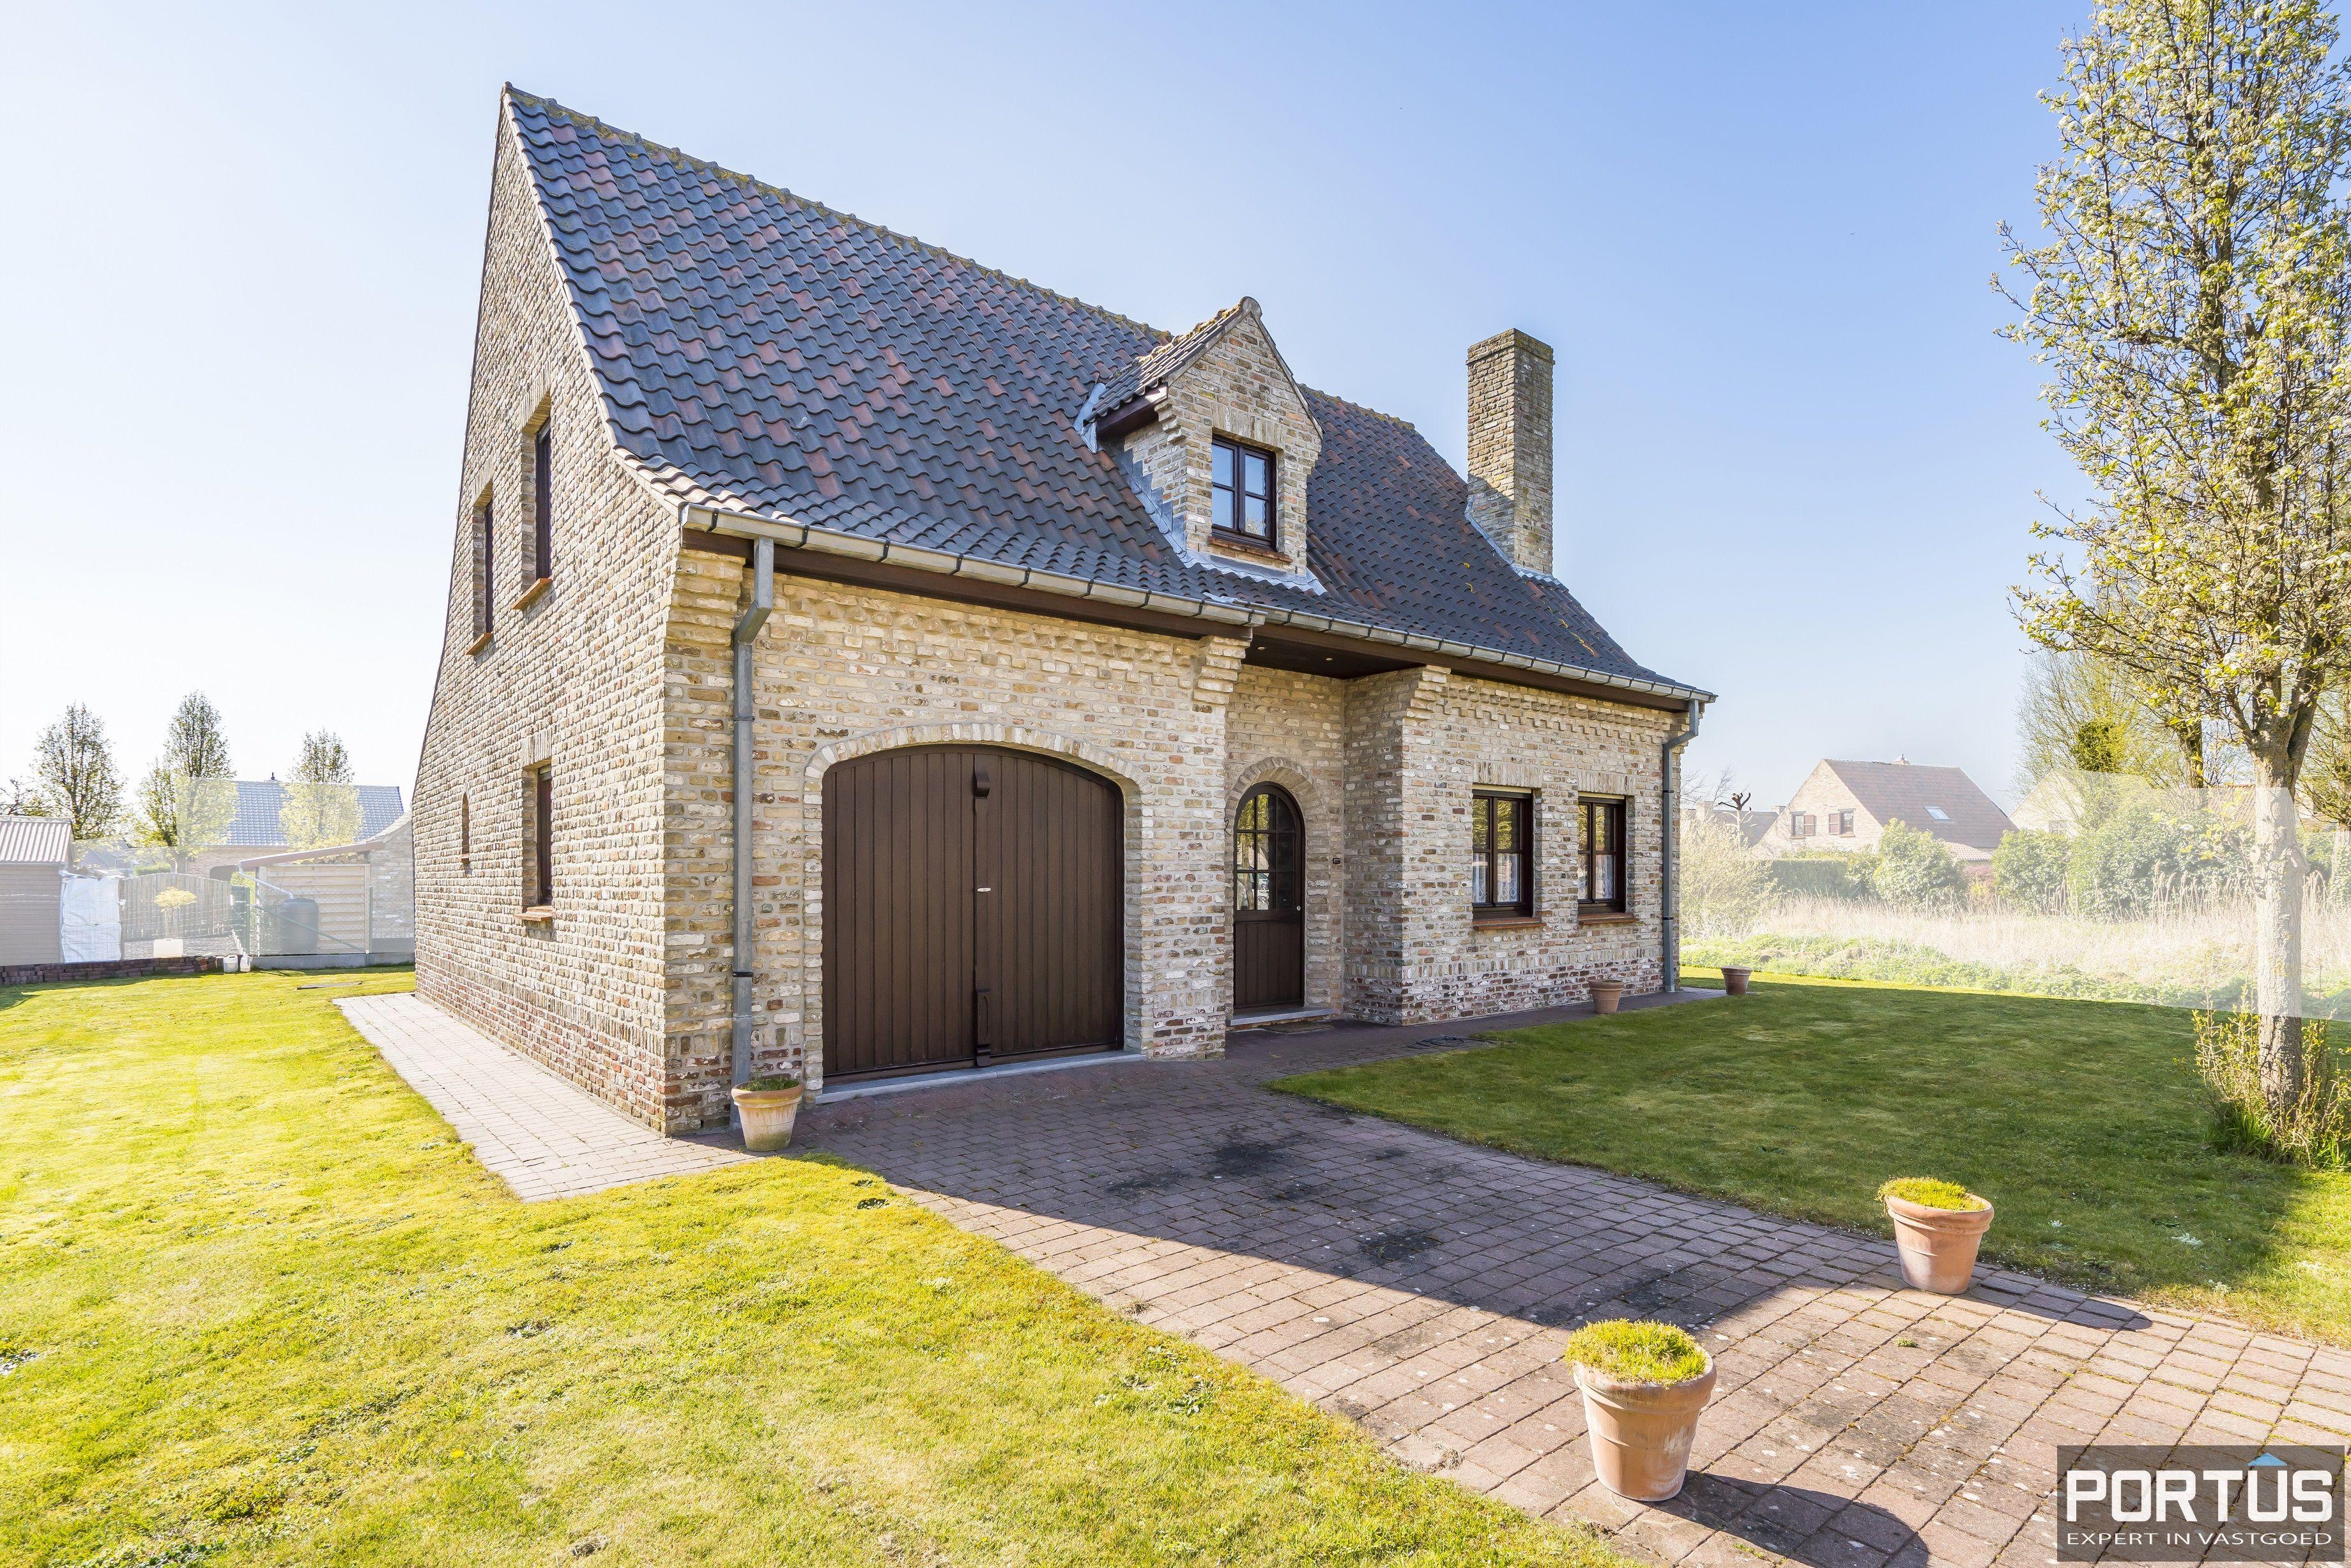 Woning te koop met 4 slaapkamers te Oostduinkerke - 13734